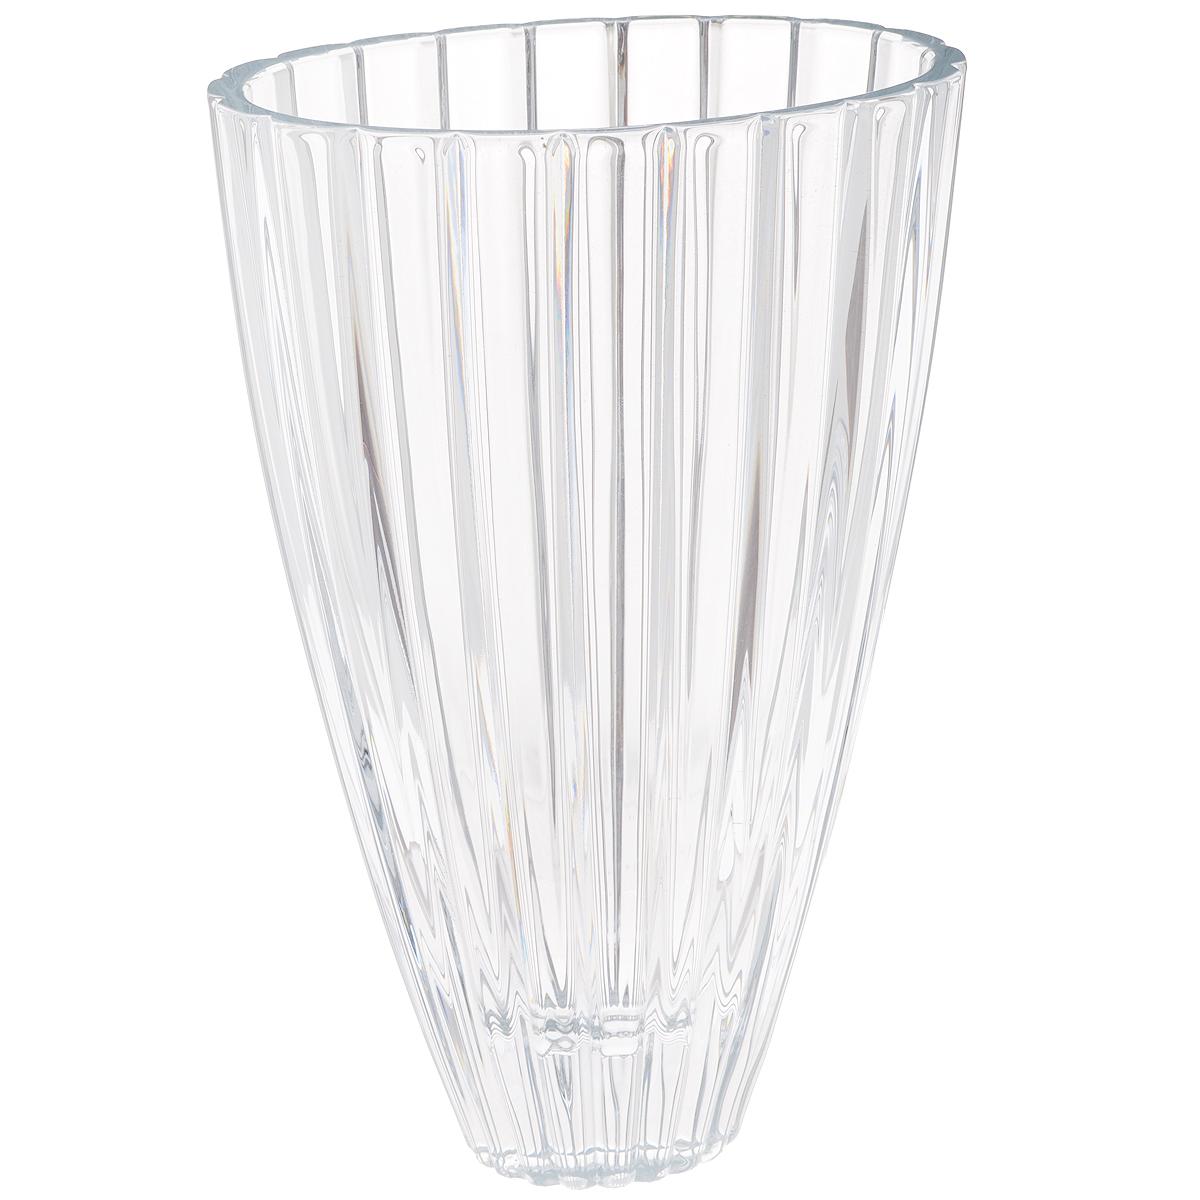 Ваза Crystalite Bohemia Овал, высота 30,5 смHS.040036Изящная ваза Crystalite Bohemia Овал изготовлена из прочного утолщенного стекла кристалайт. Она красиво переливается и излучает приятный блеск. Ваза оснащена краями овальной формы и рельефной многогранной поверхностью, что делает ее изящным украшением интерьера. Ваза Crystalite Bohemia Овал дополнит интерьер офиса или дома и станет желанным и стильным подарком.